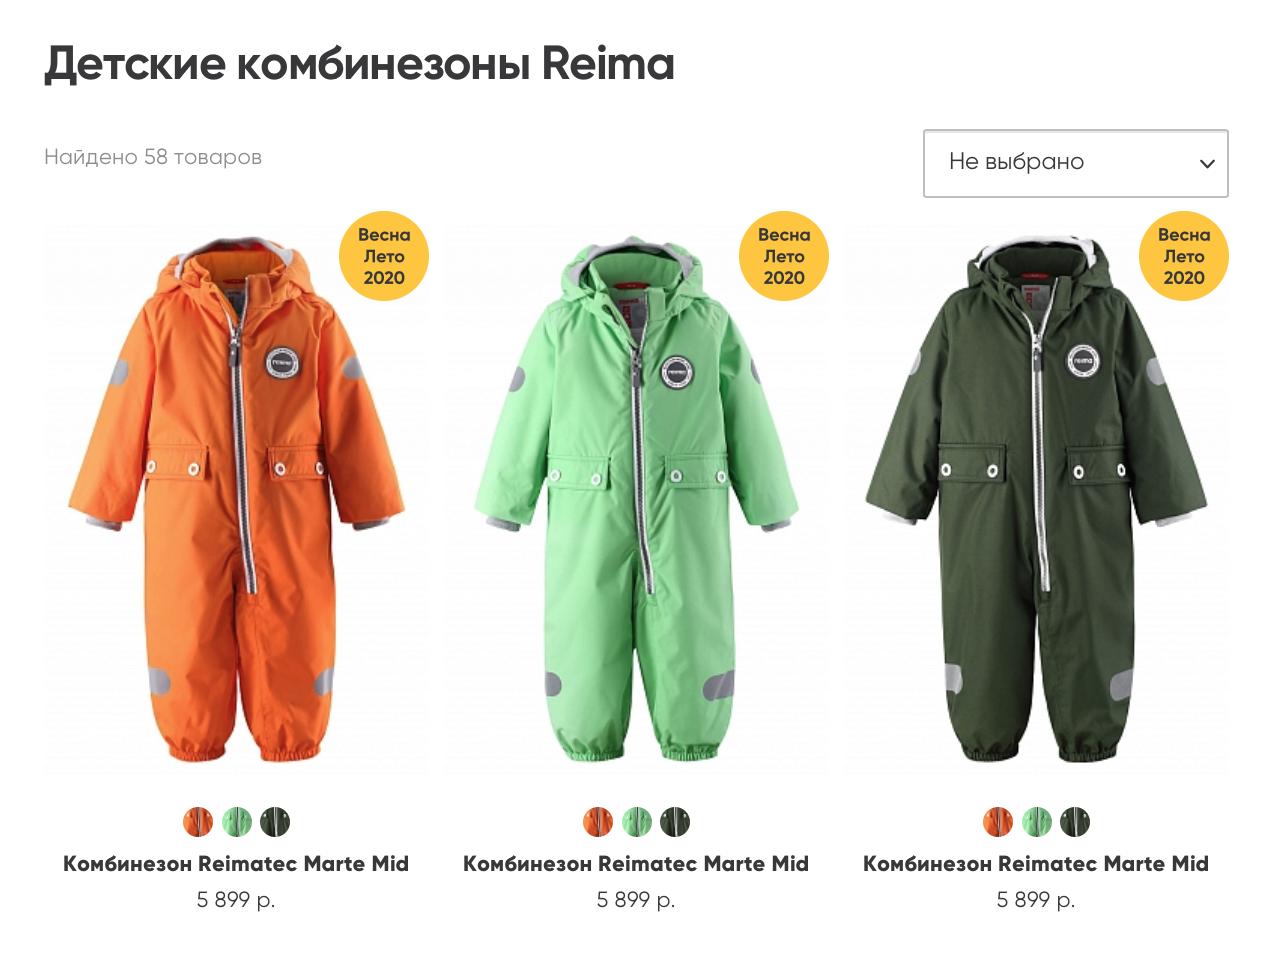 Весенне-летние комбинезоны «Рейма» продаются безскидки истоят около 6тысяч рублей. Источник: reimashop.ru